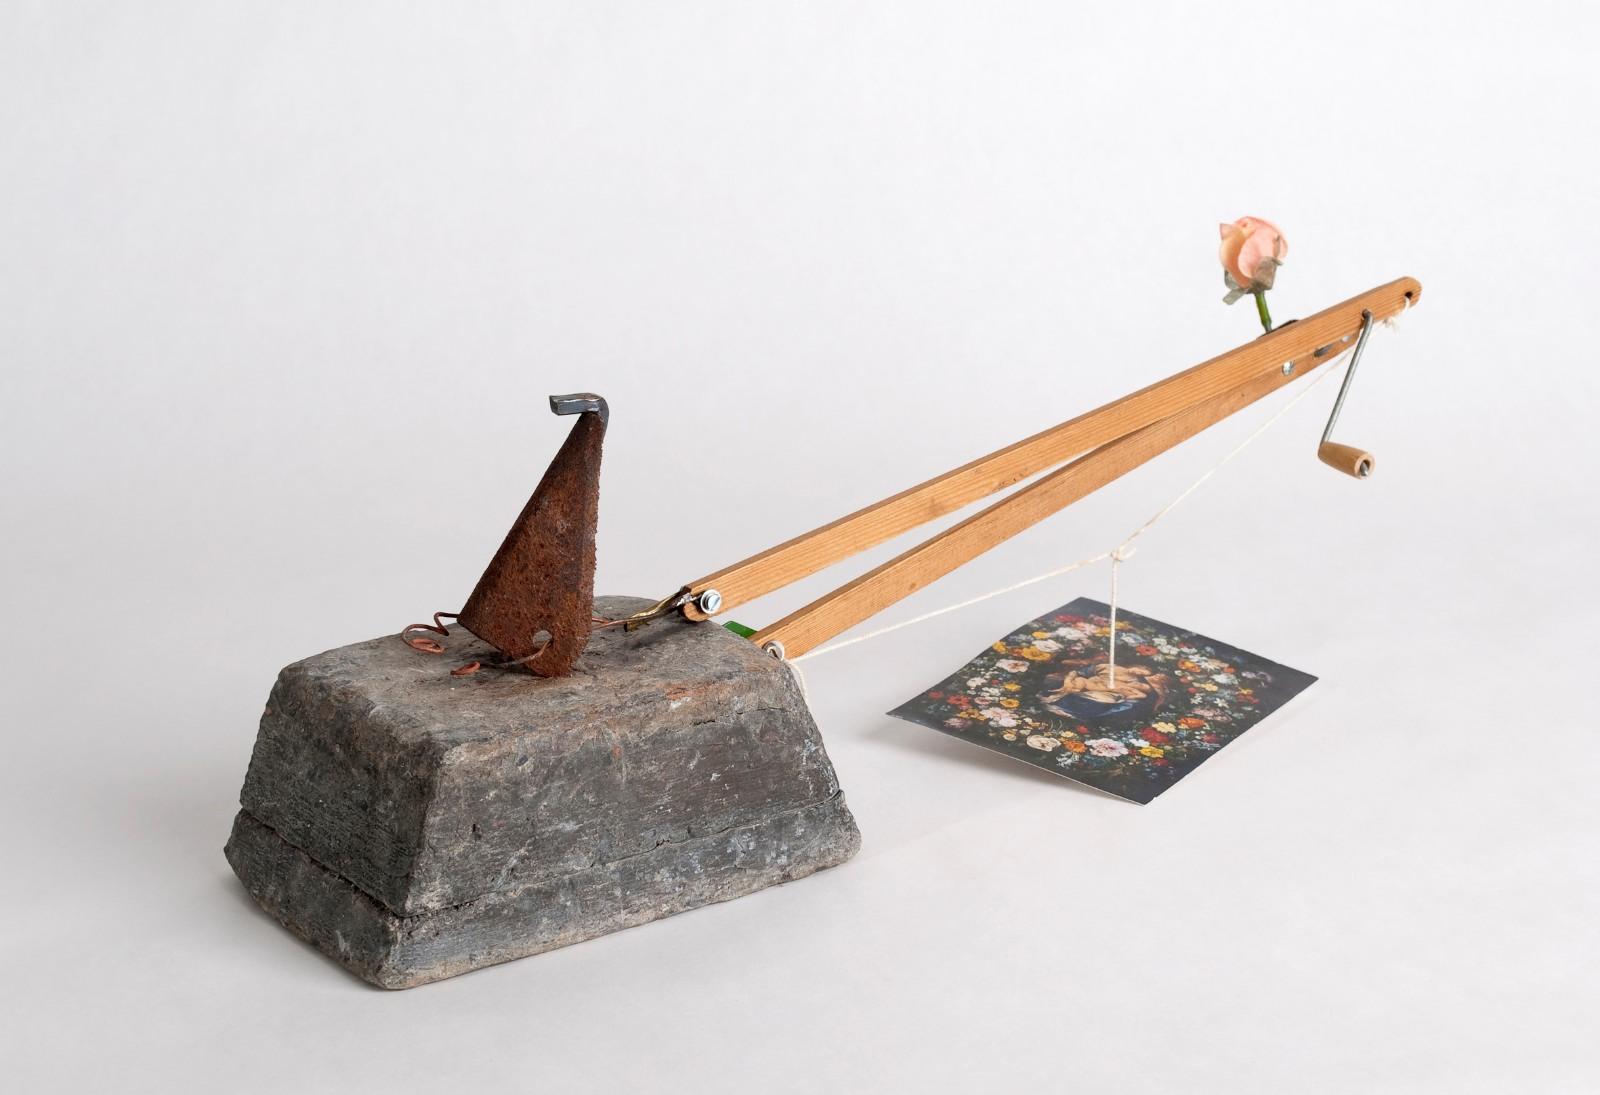 Studie (näsa), 2009, assemblage, 15 x 48 x 11,5 cm